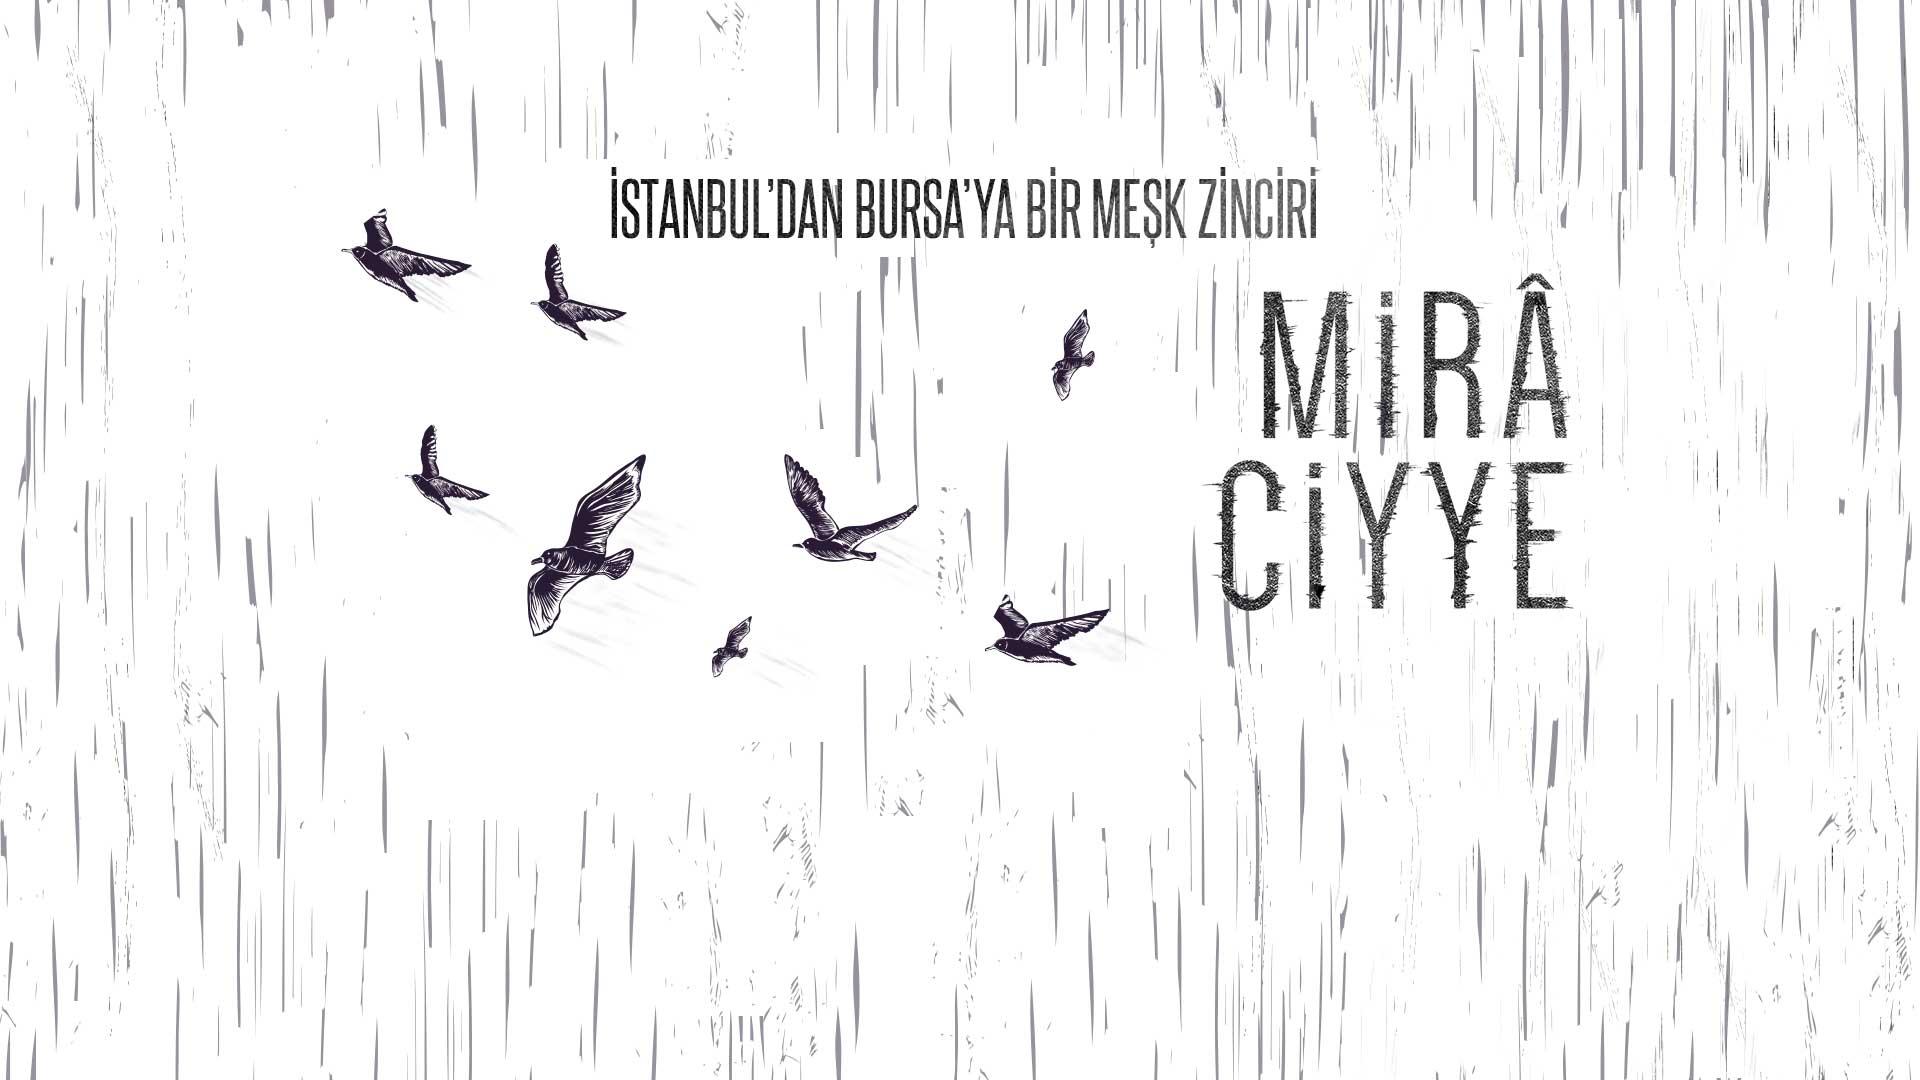 Miraciyye